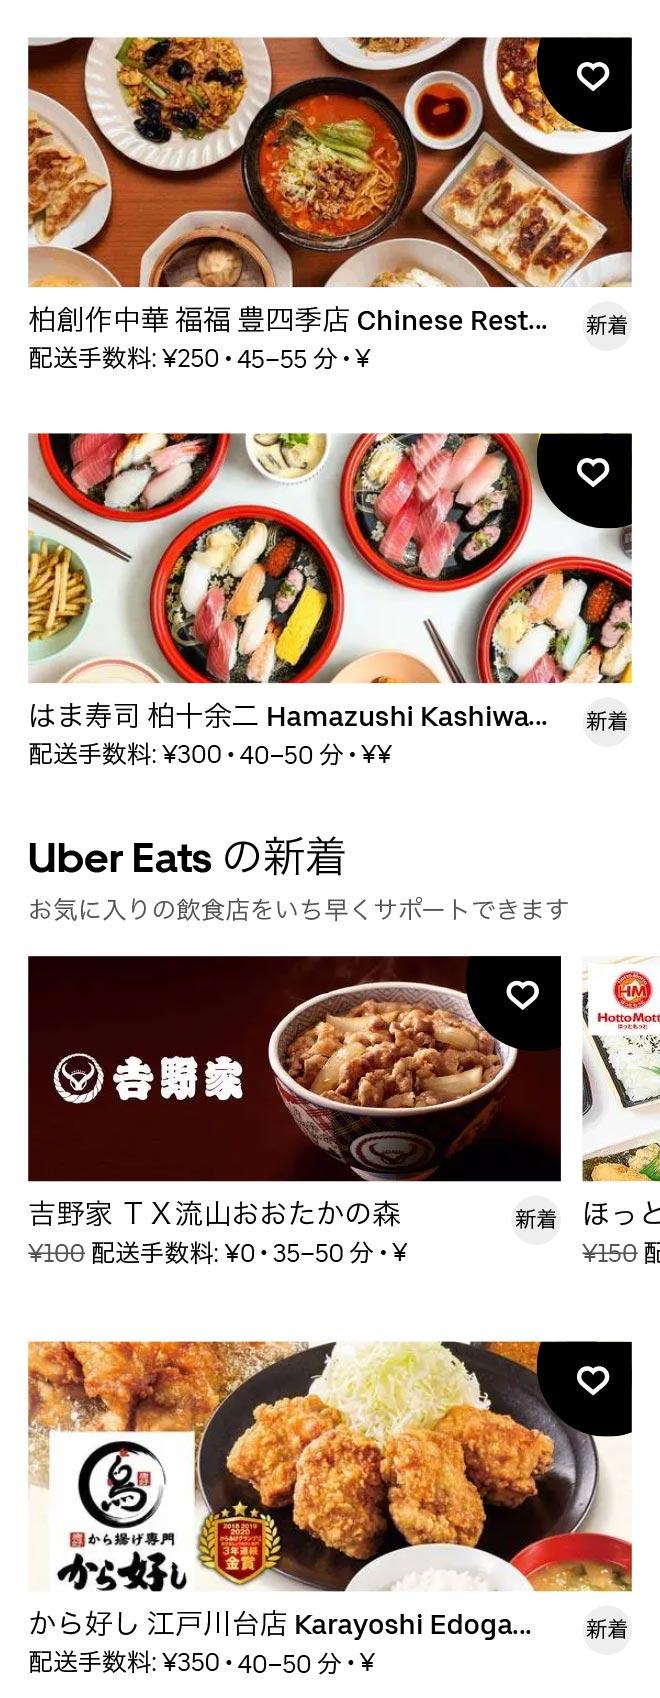 Nagareyama ootaka menu 2011 02